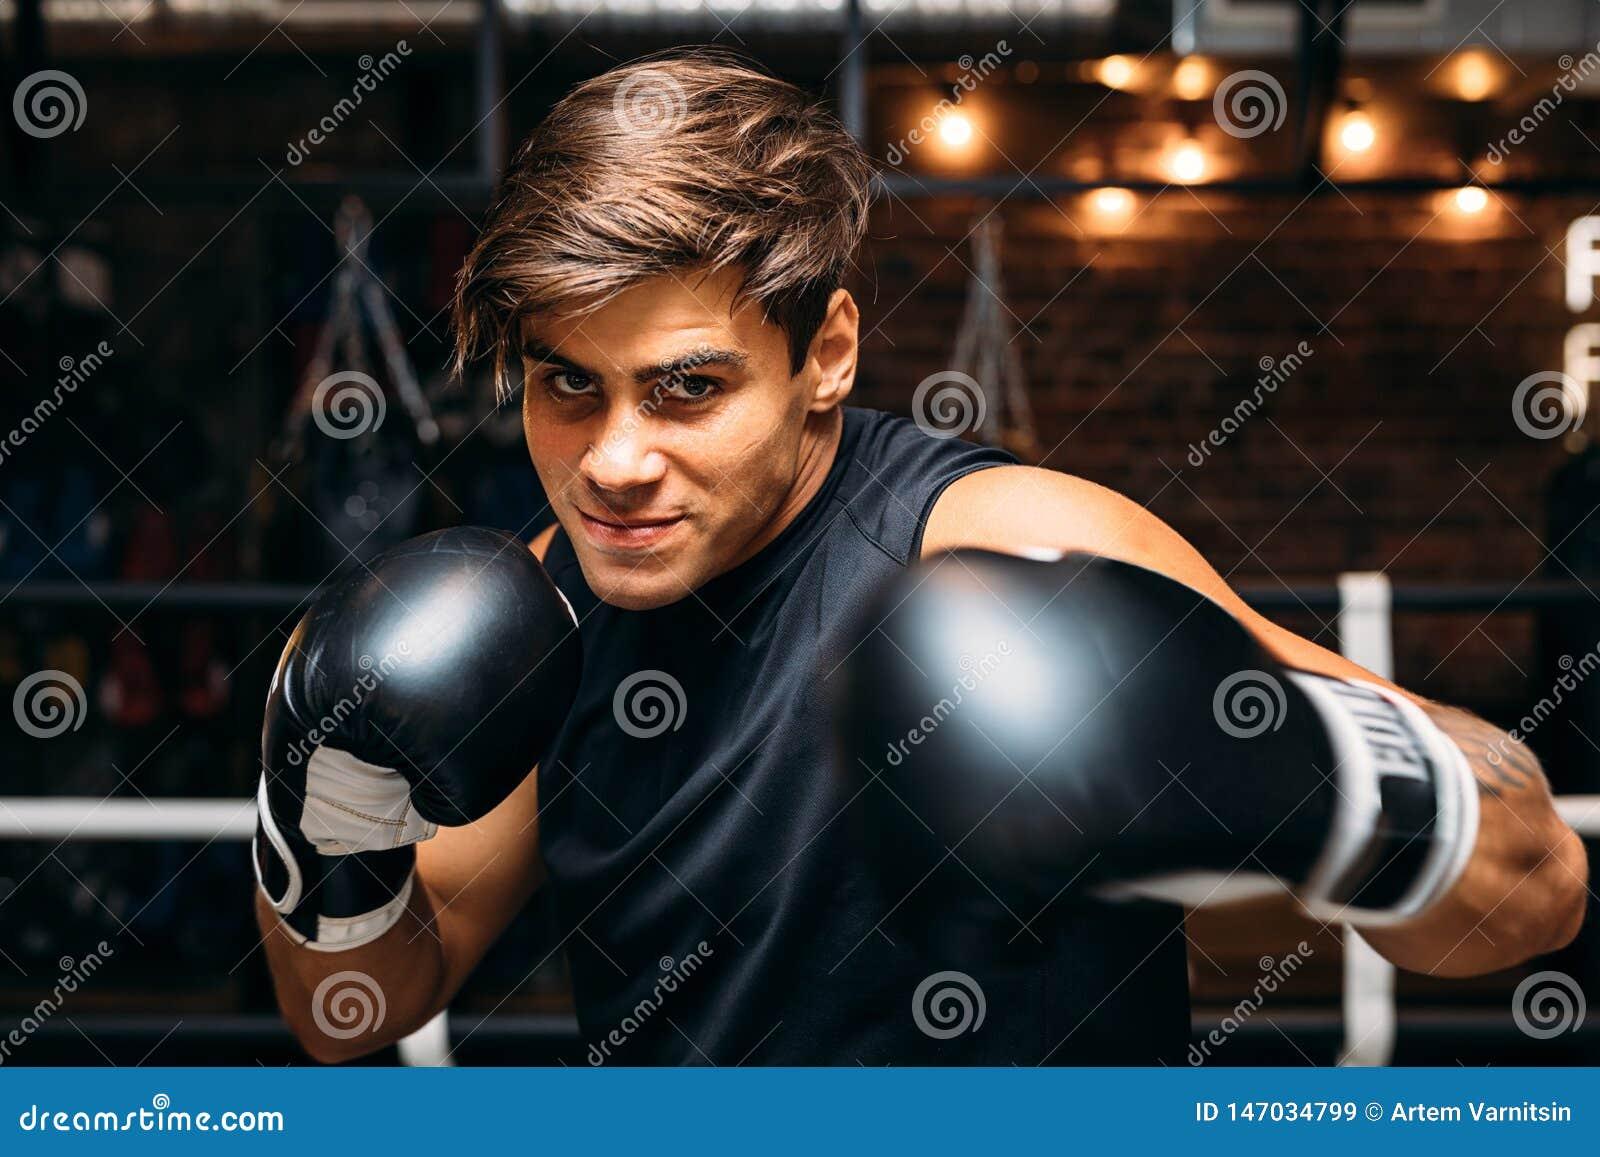 Stäng sig upp av en ung manlig boxare med boxninghandskar